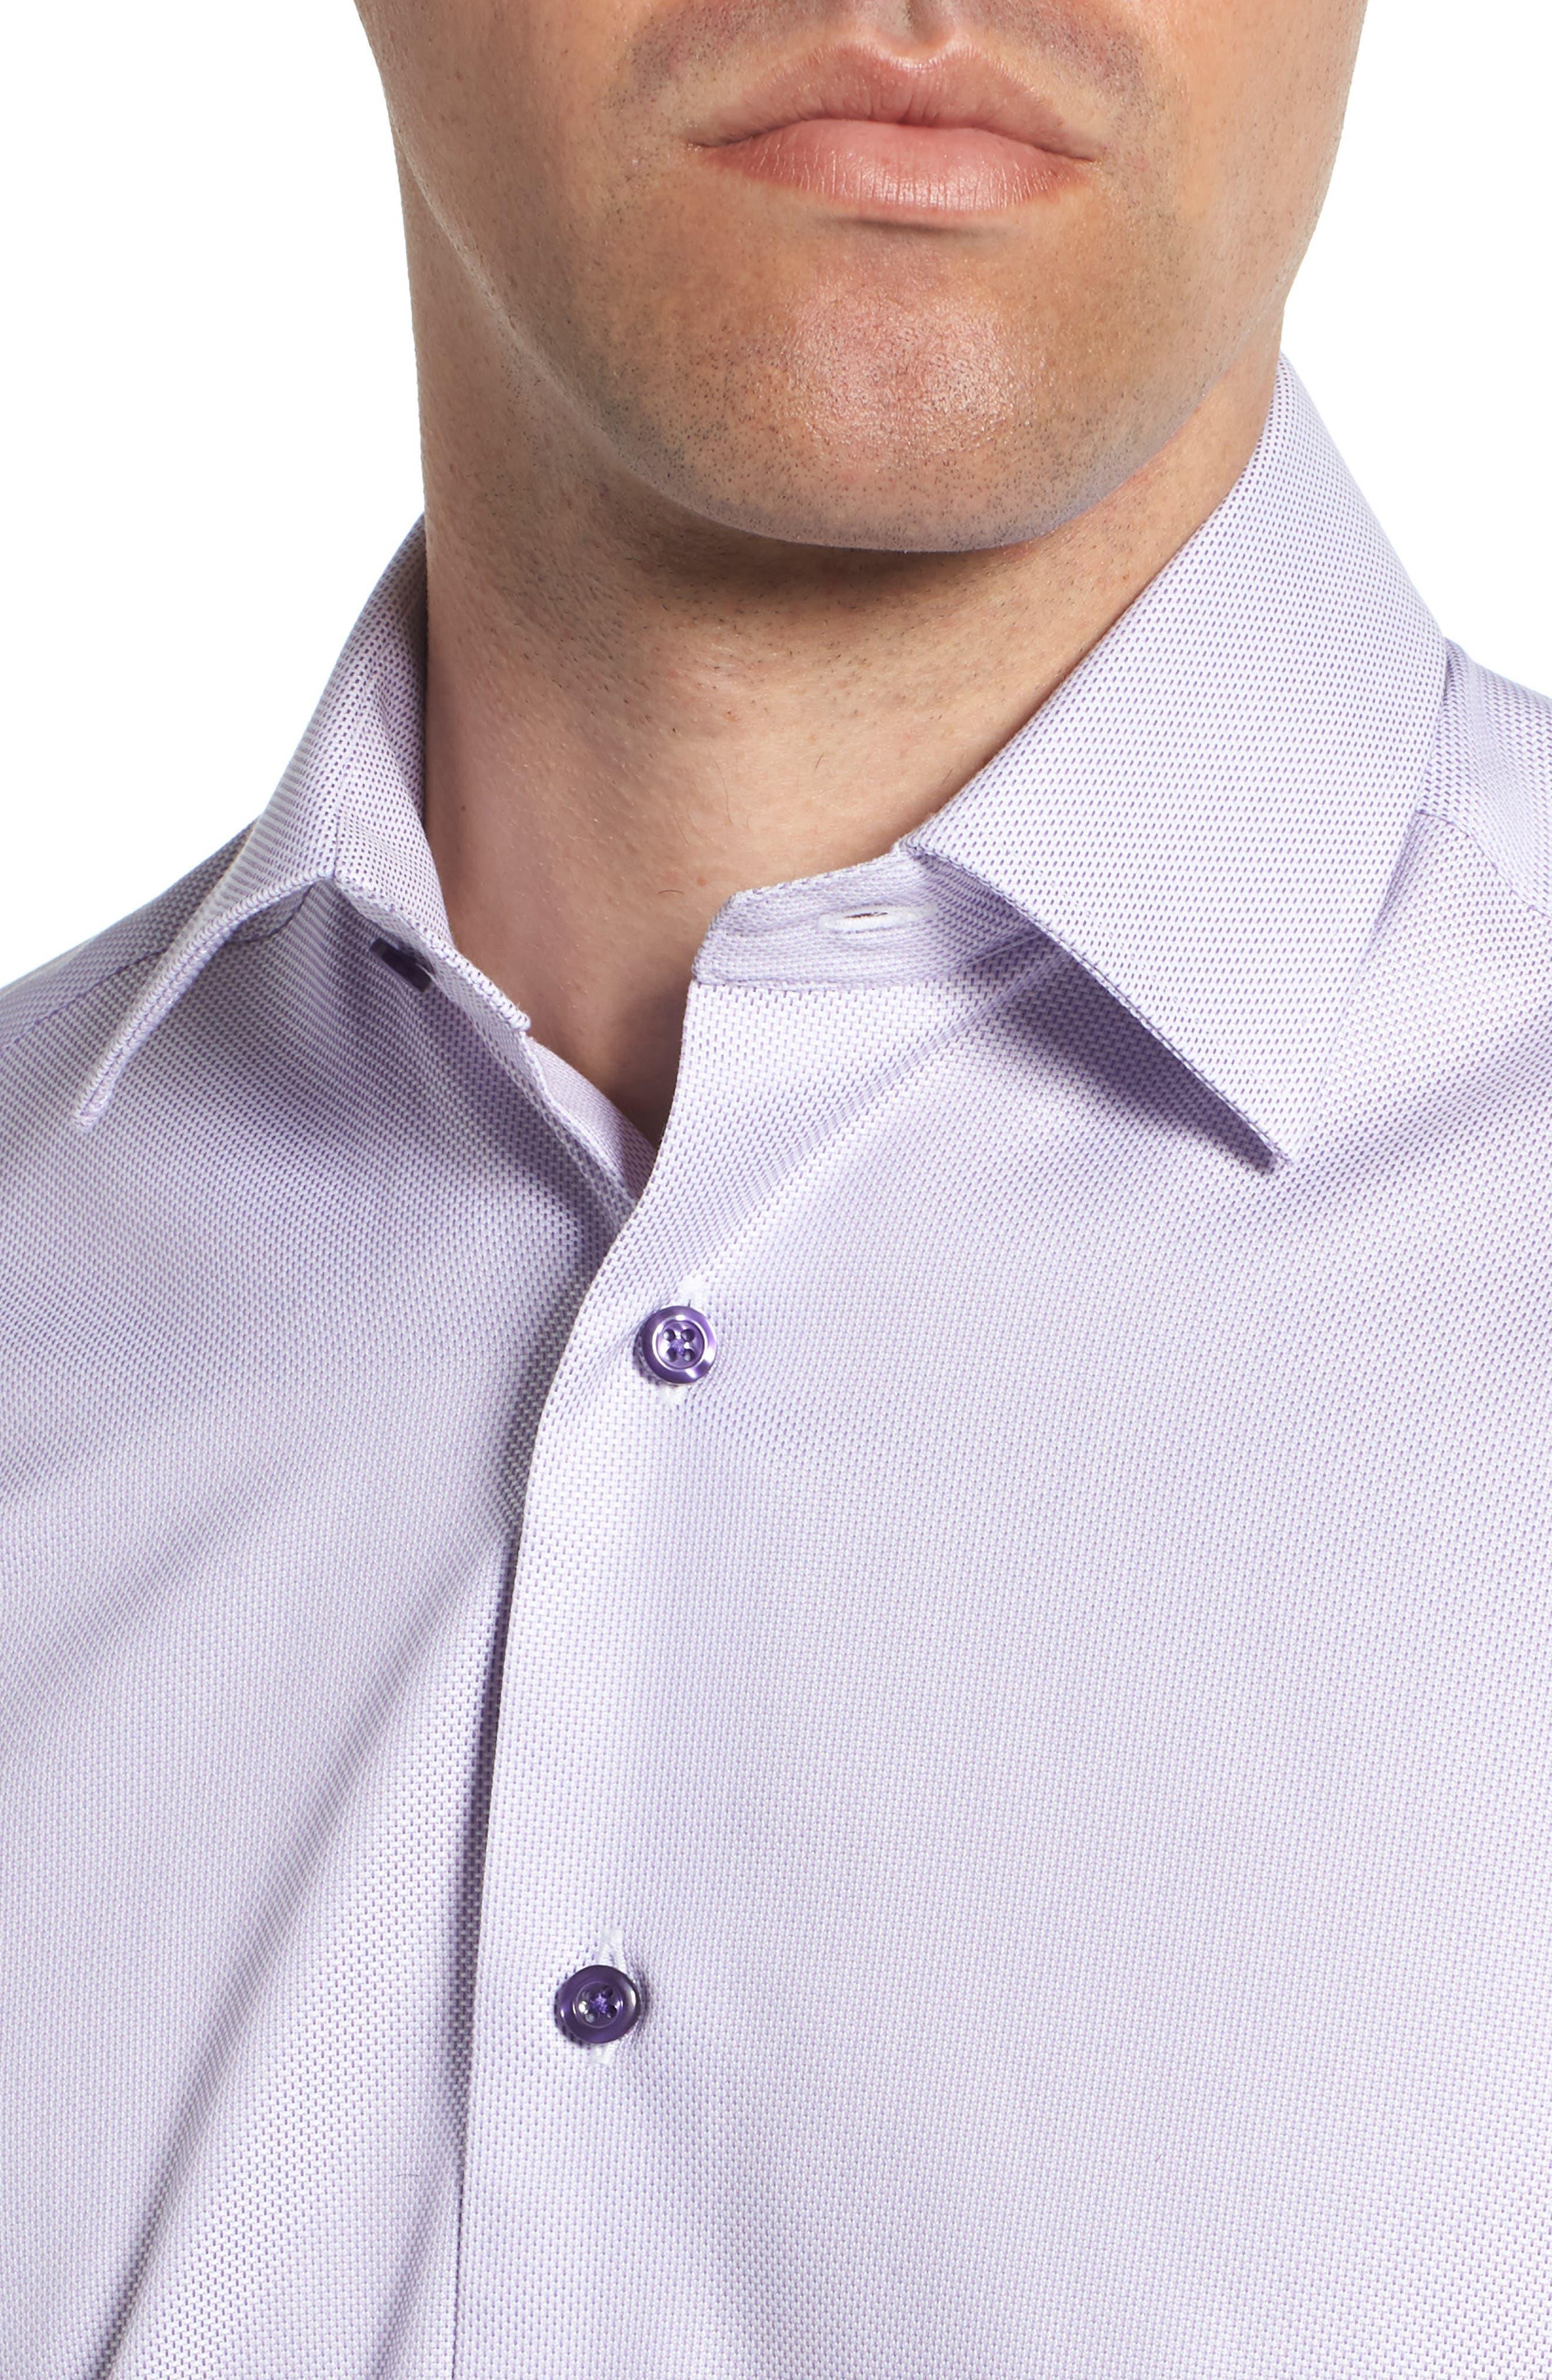 Trim Fit Dress Shirt,                             Alternate thumbnail 2, color,                             LILAC